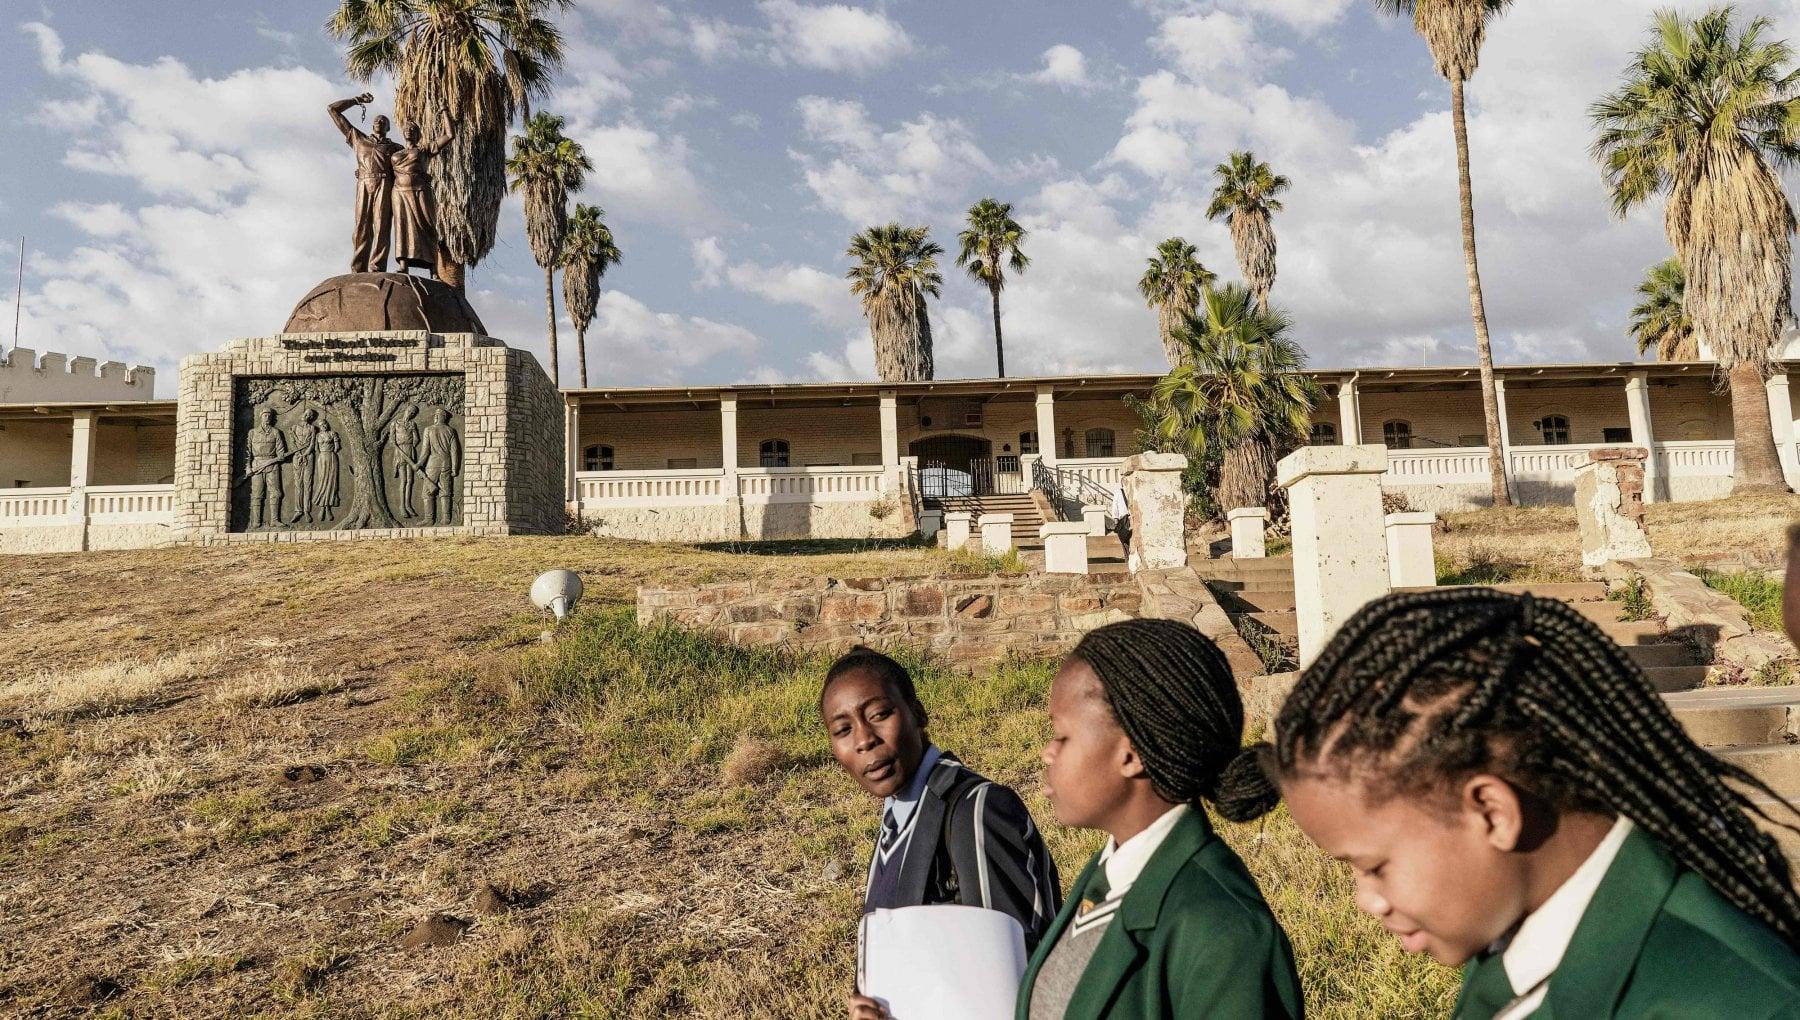 133351995 3f5a0a7f d09f 439e 918a b895b5d20c1a - Namibia, la Germania riconosce il genocidio di Nama ed Herero